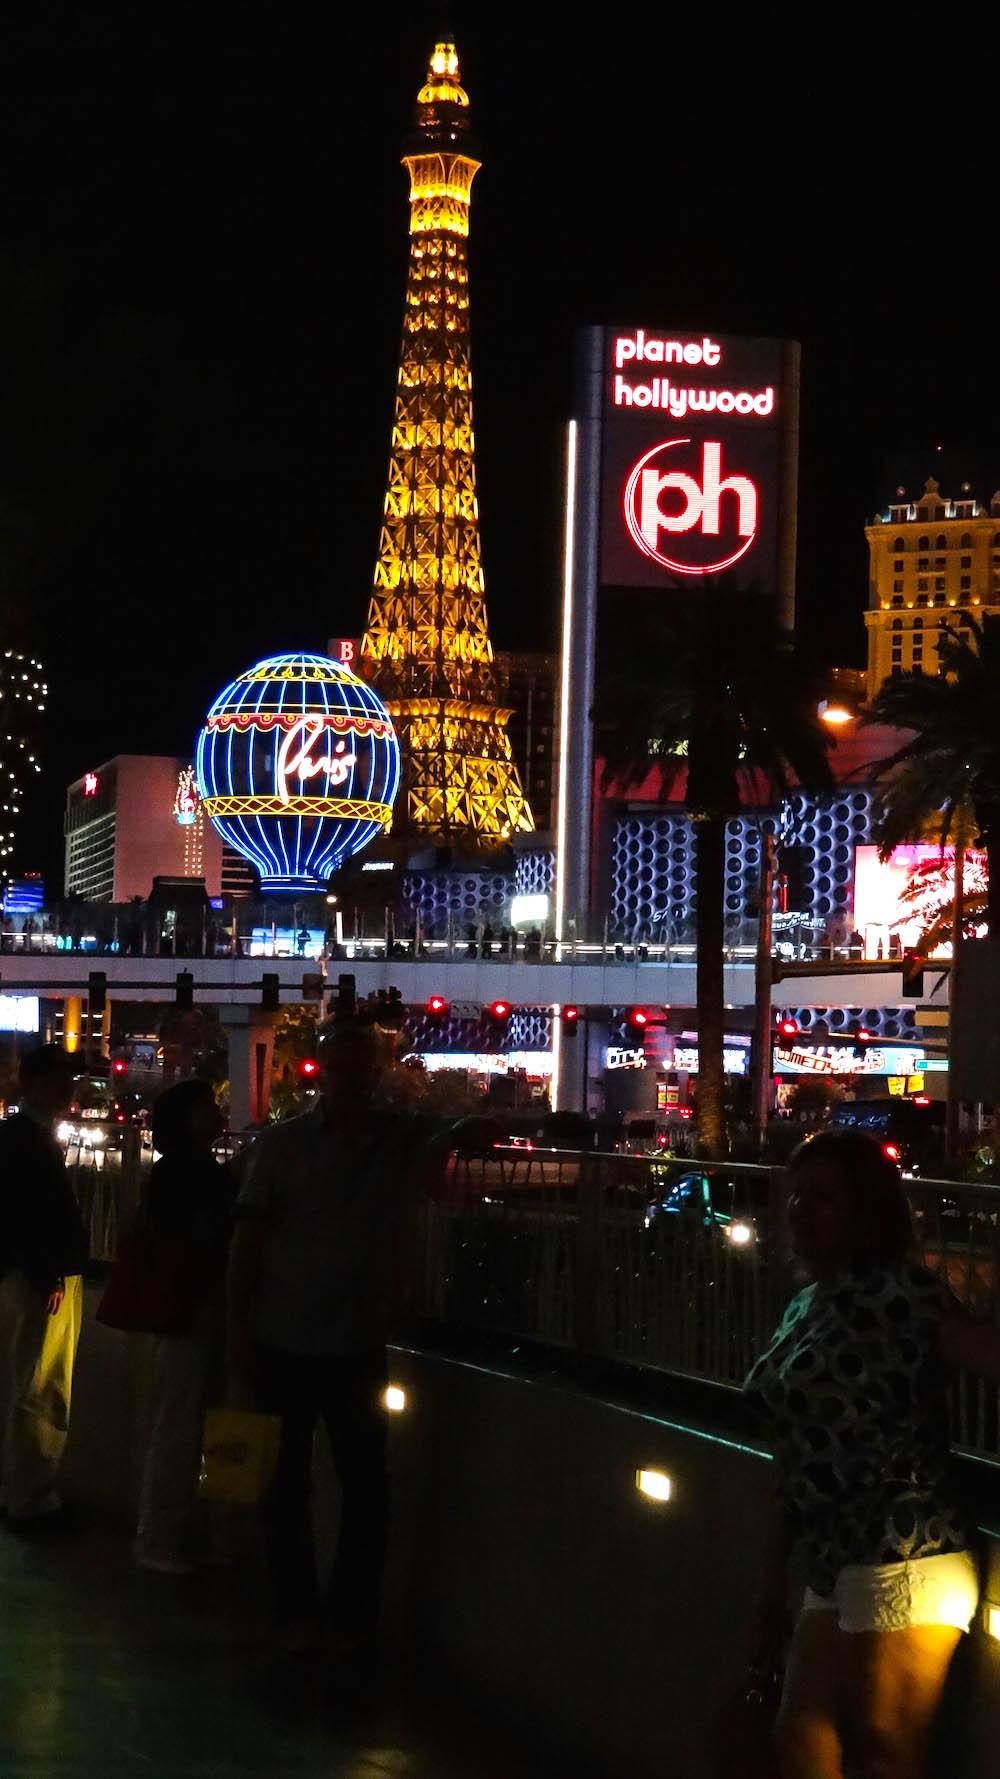 Jeux casino : le casino c'est bien mais cher